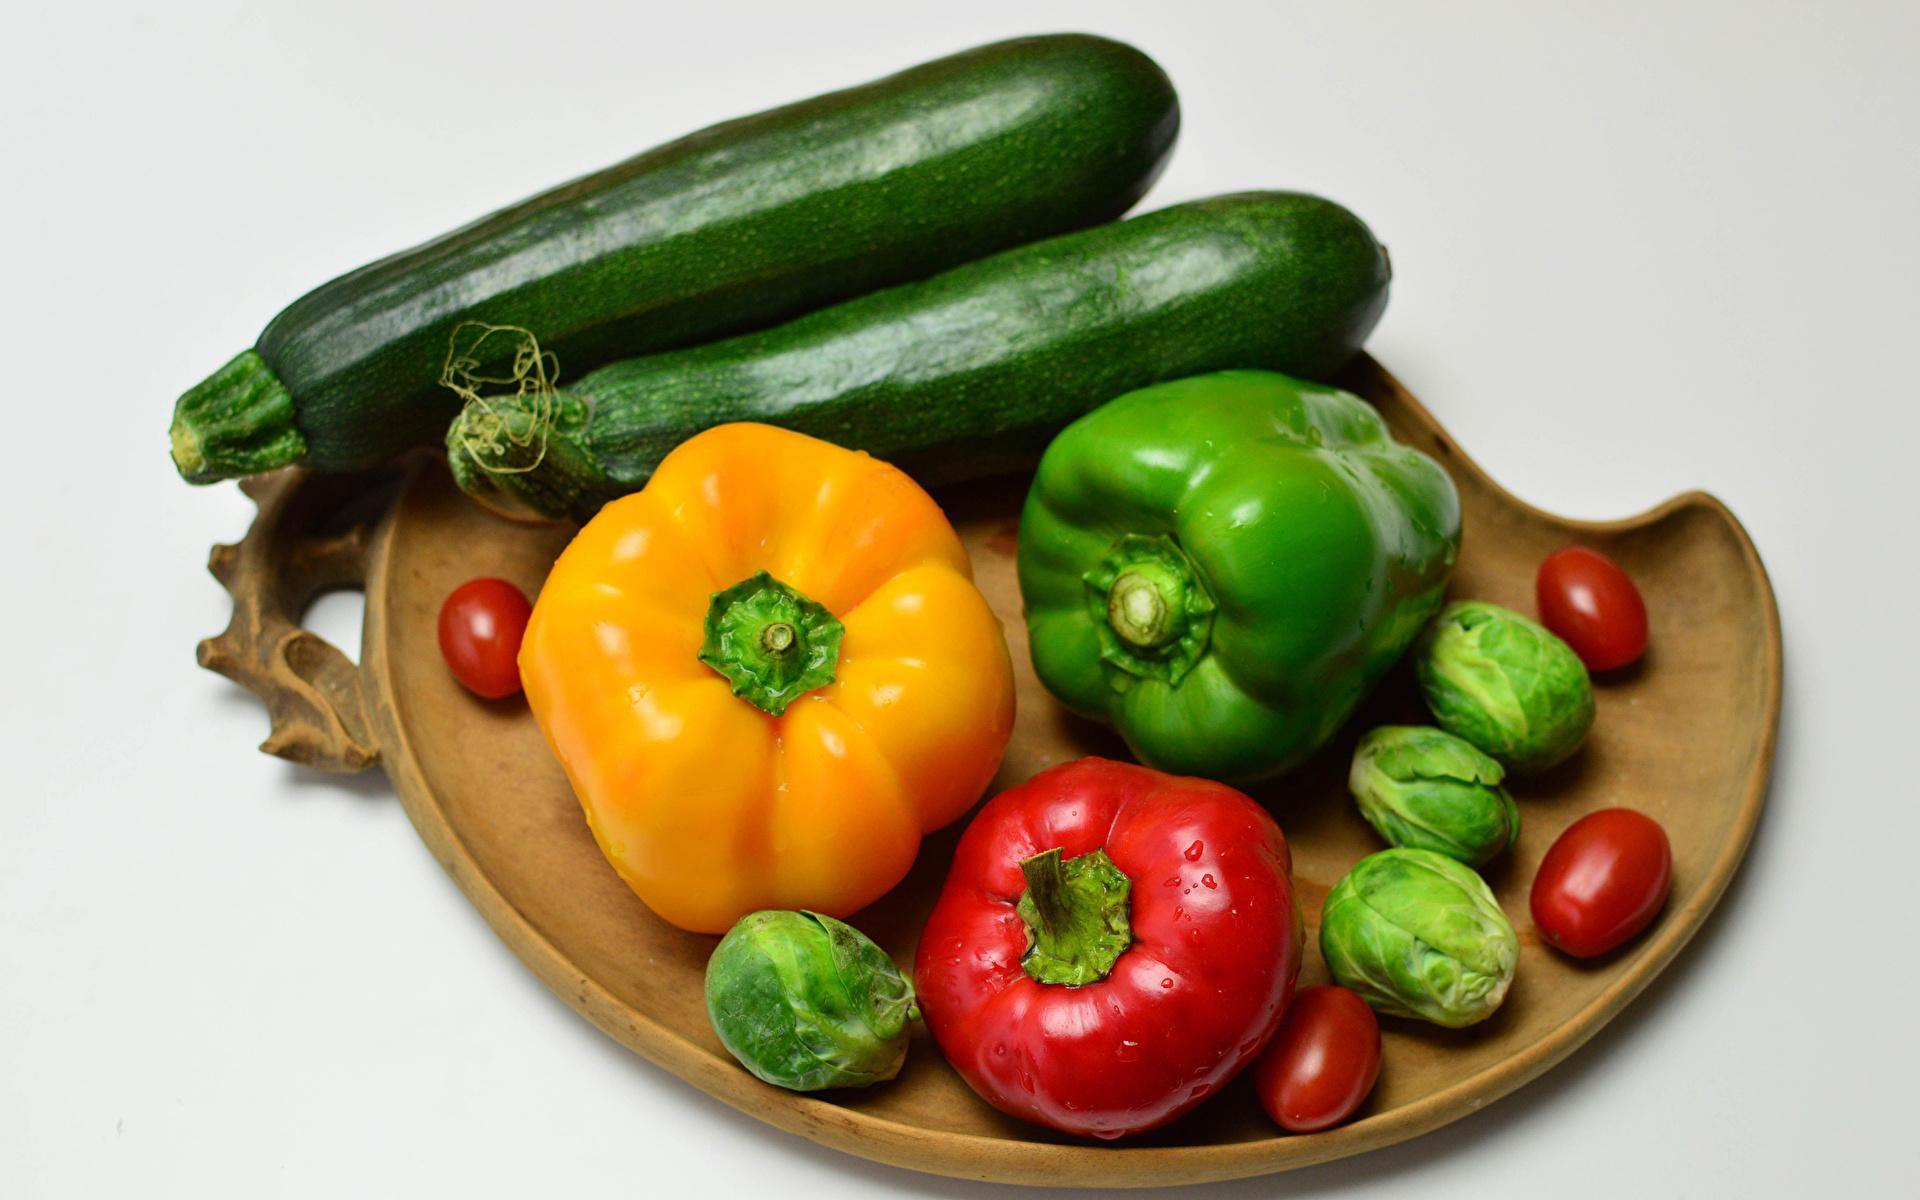 Immagini Pomodori Zucchina Cibo Verdura Peperone Sfondo grigio 1920x1200 zucchine alimento